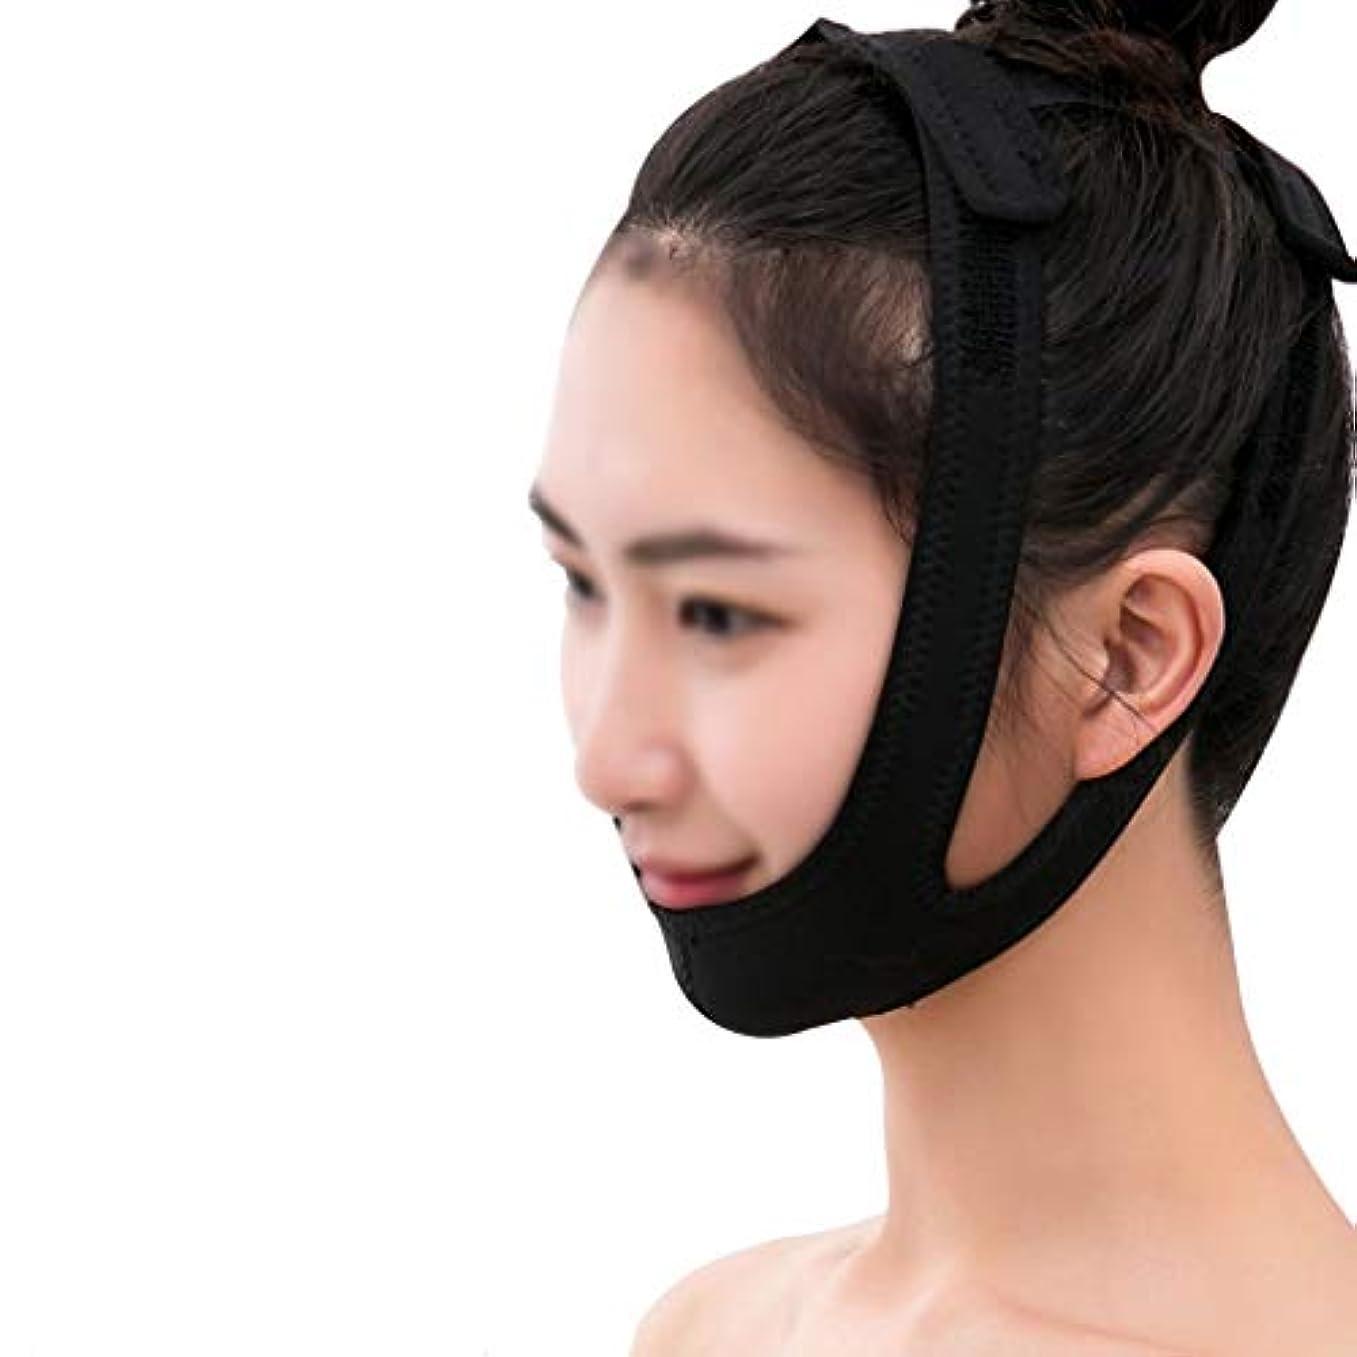 財布海峡ひも幽霊XHLMRMJ フェイシャルリフティングマスク、医療用ワイヤーカービングリカバリーヘッドギアVフェイス包帯ダブルチンフェイスリフトマスク